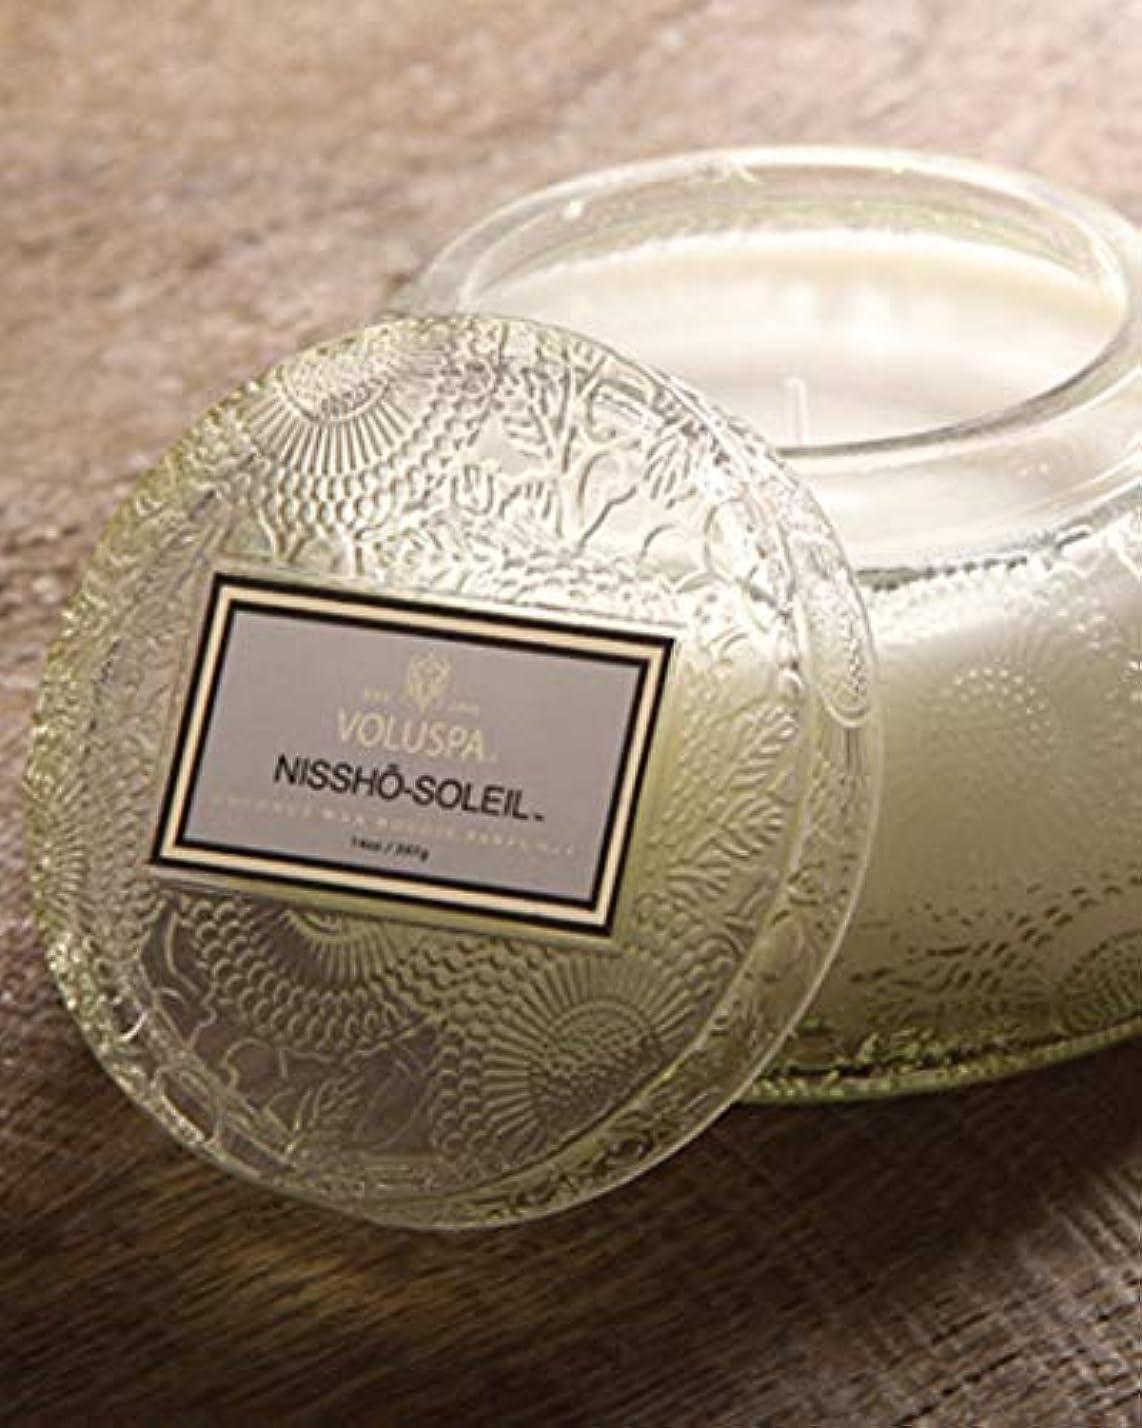 絶縁するに付ける風邪をひくVOLUSPA チャワングラスキャンドル Nissho-Soleil ニッショーソレイユ GLASS CANDLE ボルスパ